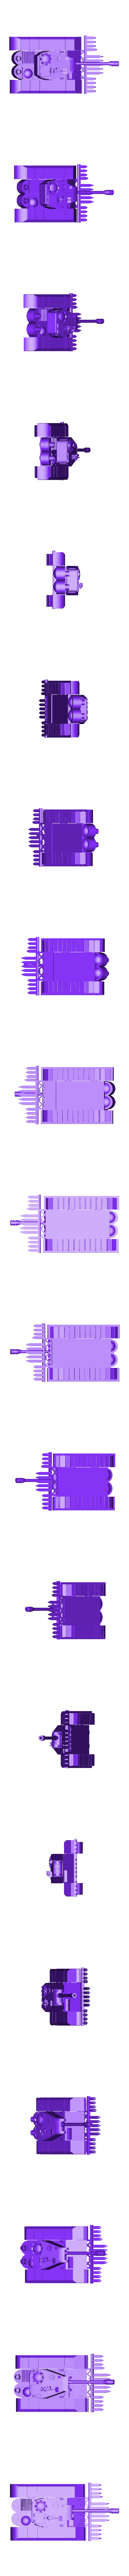 ork tank complete.stl Télécharger fichier STL Ork Tank / Canon d'assaut 28mm optimisé pour FDM Printing • Modèle pour imprimante 3D, redstarkits